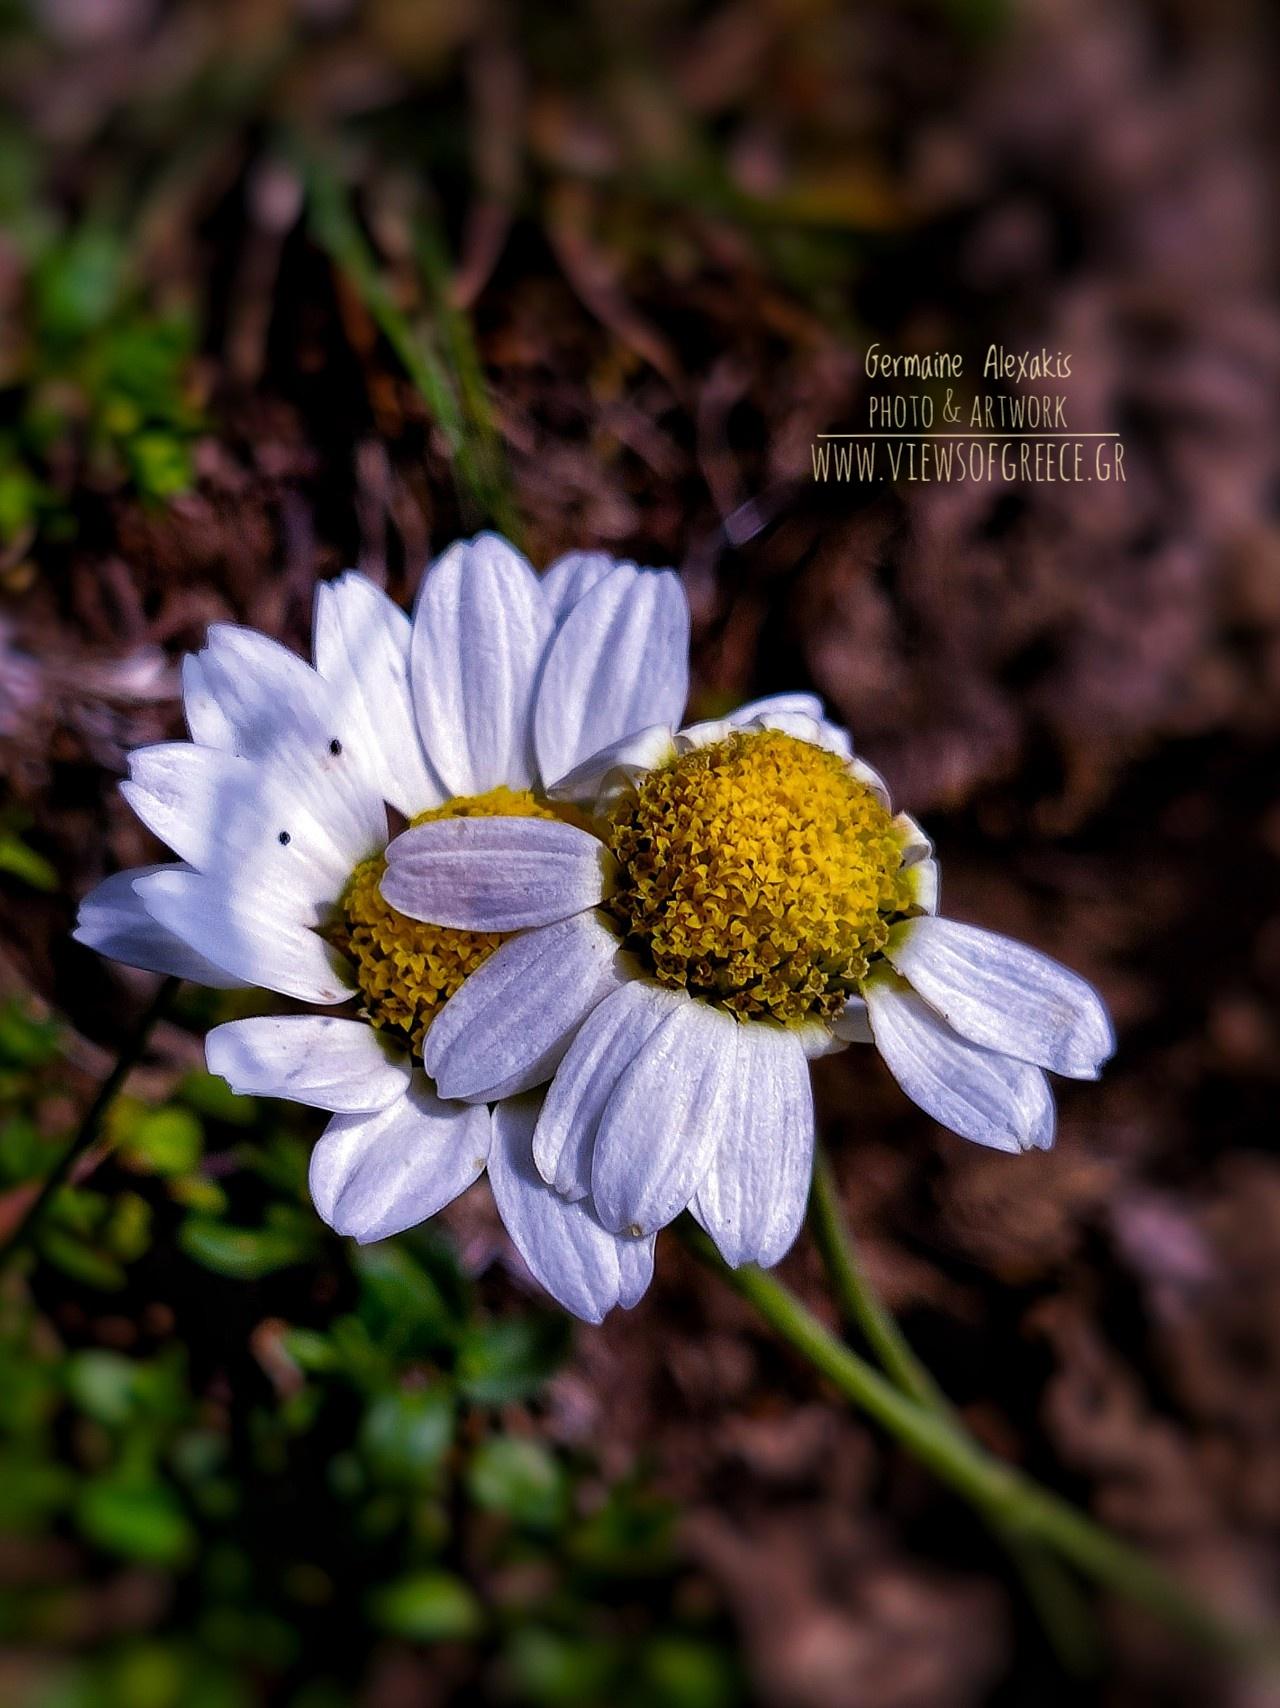 Greek flora, wild flowers, macro, anacyclus, daisies, μαργαρίτες